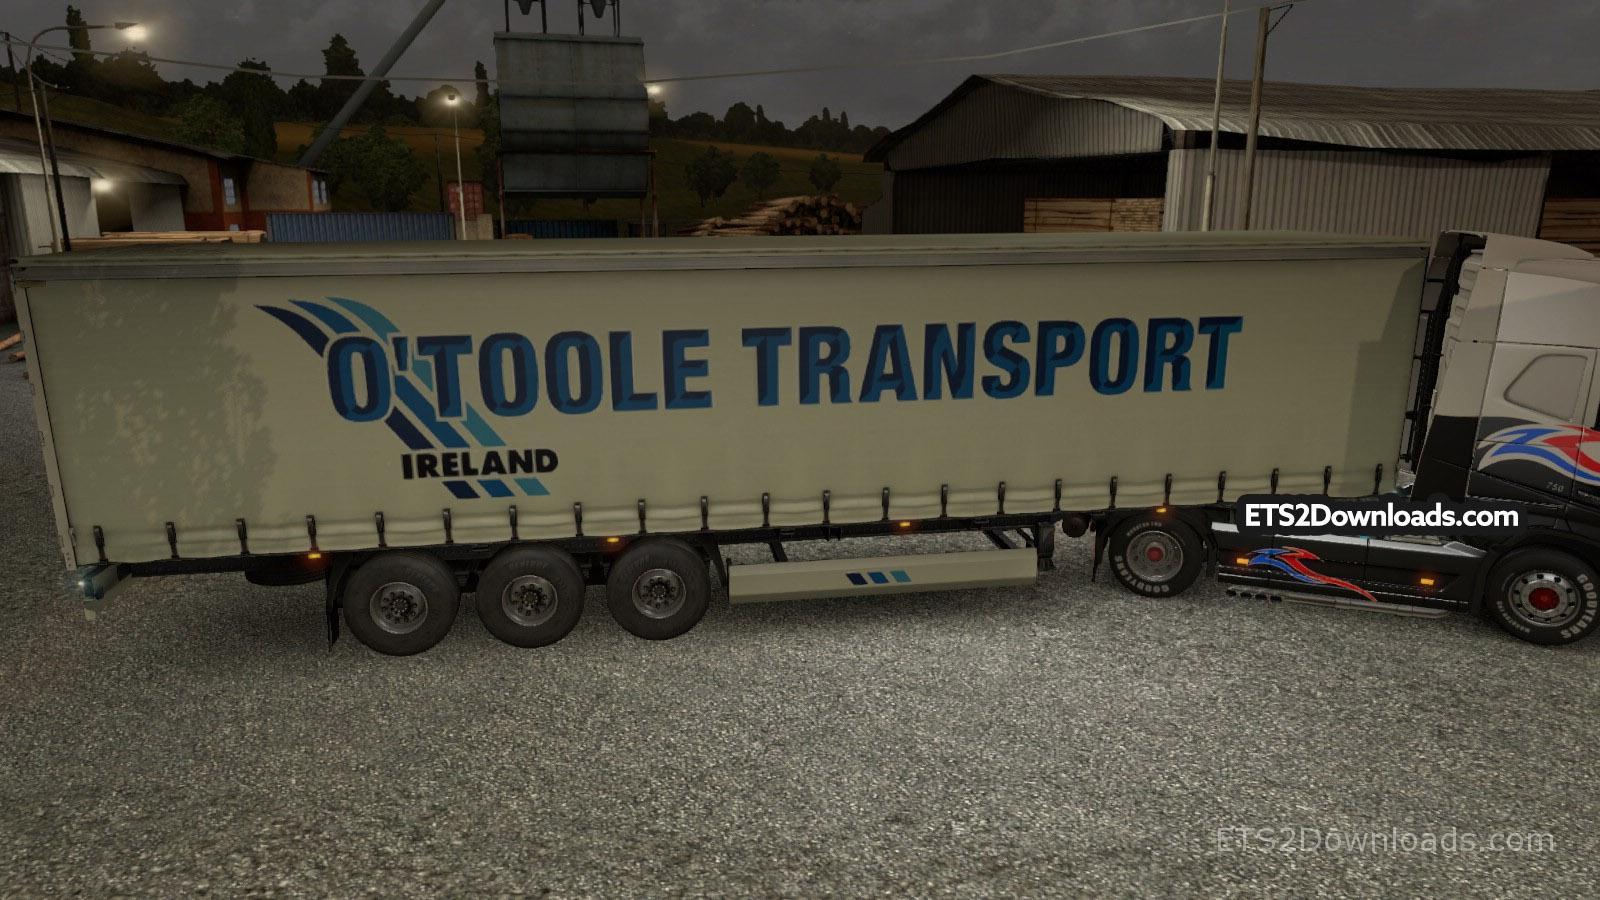 otoole-transport-trailer